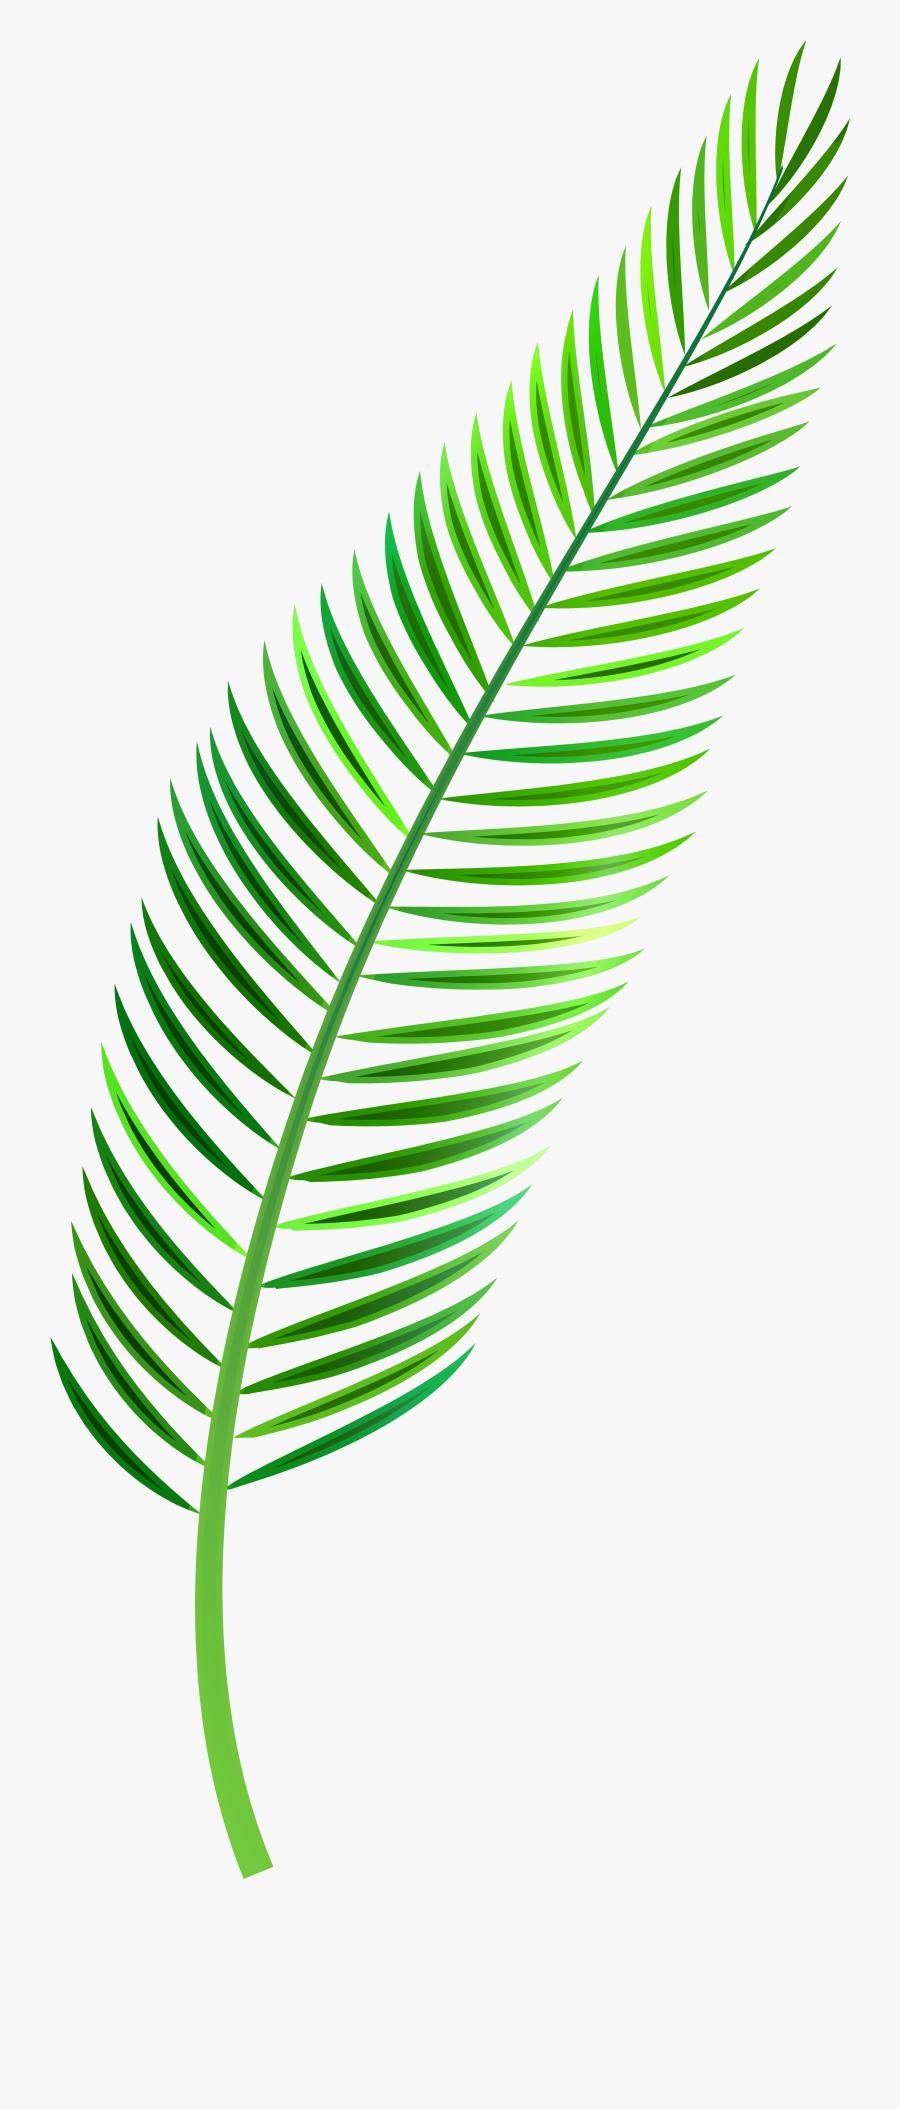 Palm Leaf Png Clip Art - Palm Leaf Clipart Png, Transparent Clipart